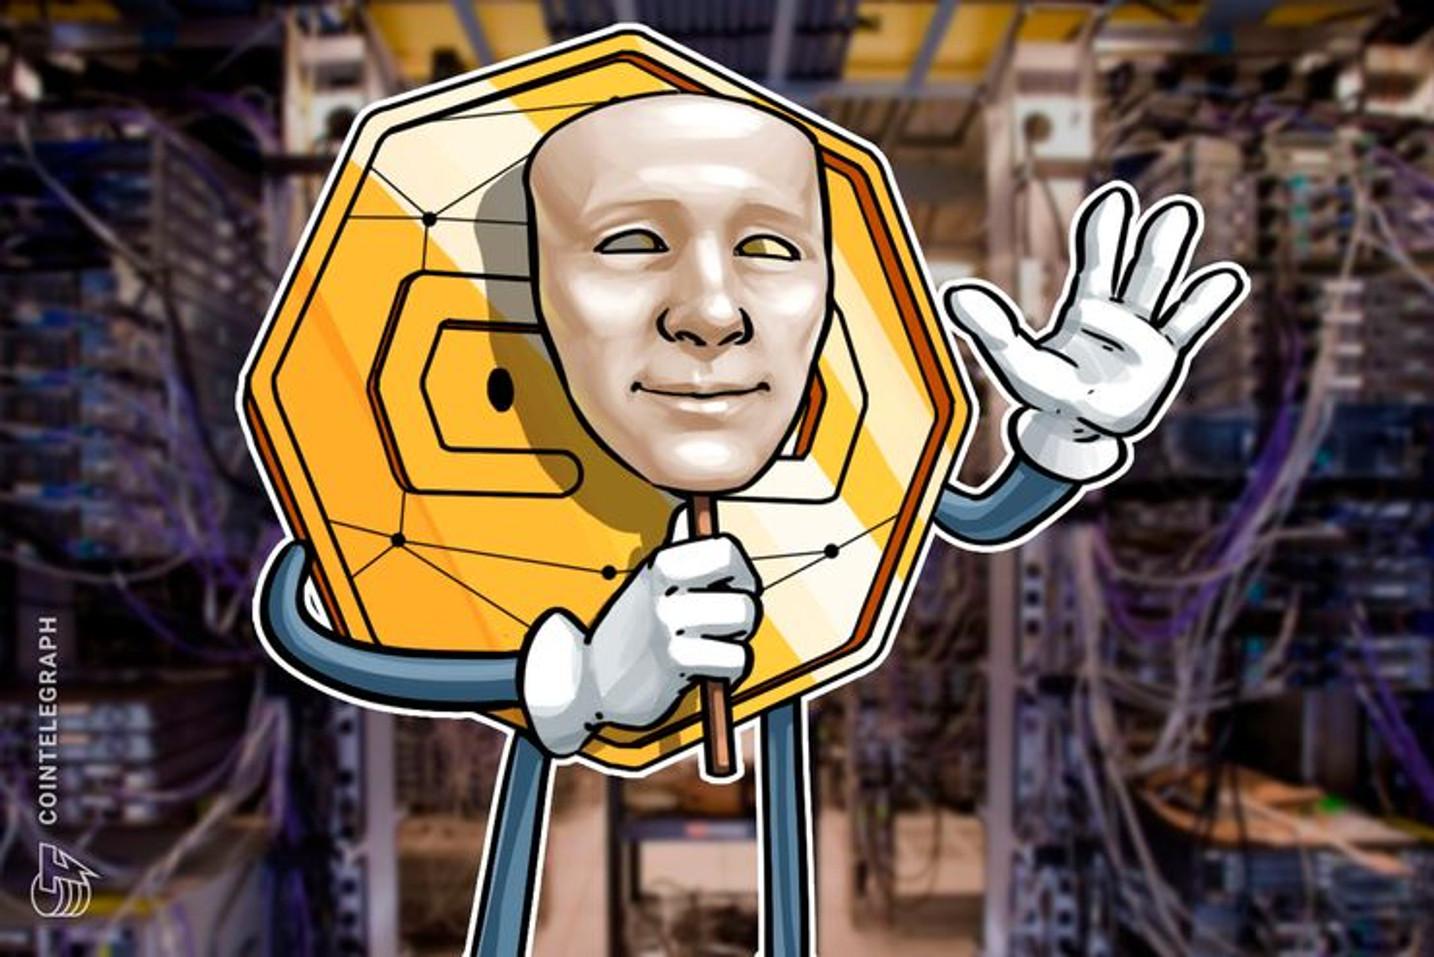 Robinson Luque Luque, que oferecia retornos de 35% em investimentos com Bitcoin, é condenado em ação judicial em São Paulo